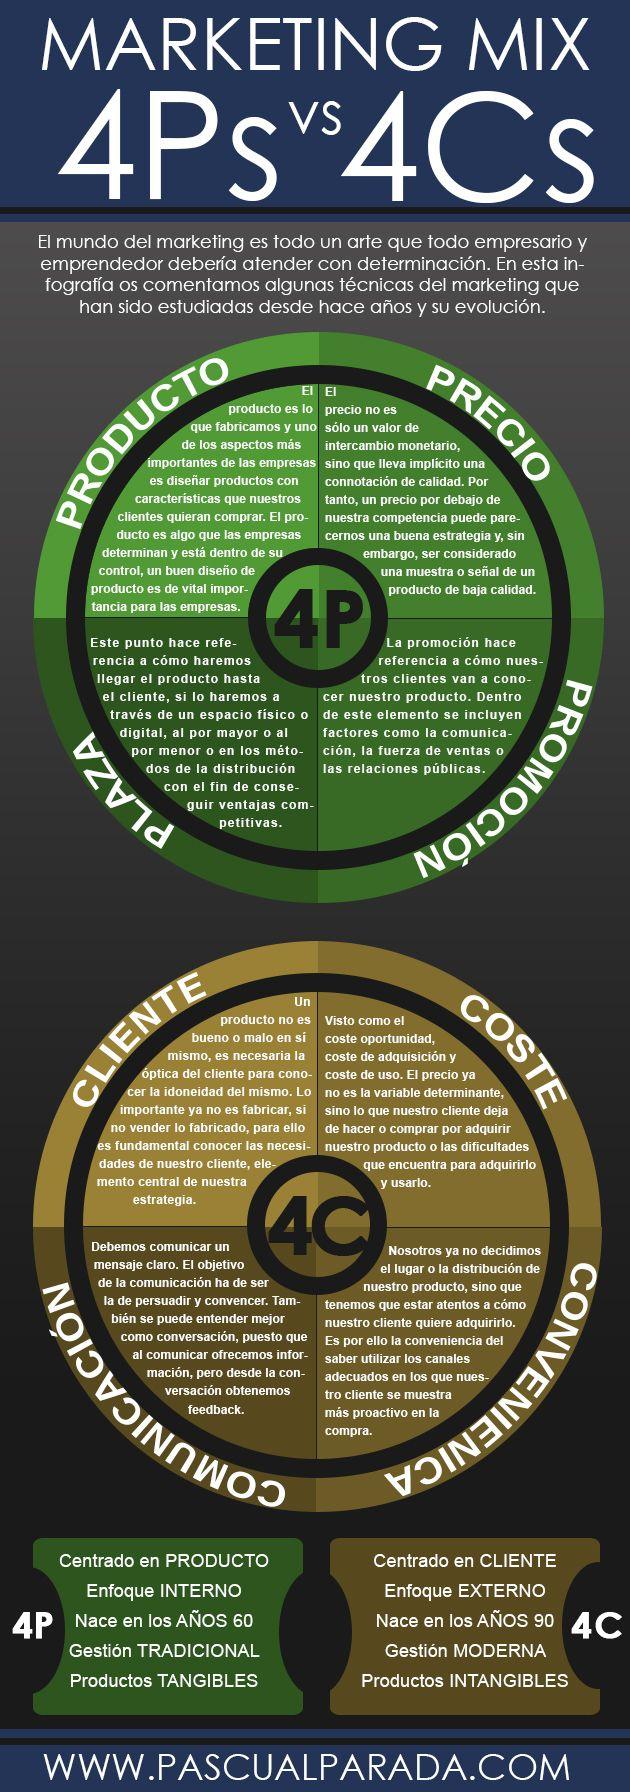 Marketing Mix: evolución de las 4P a las 4C #infografia #infographic #marketing | TICs y Formación